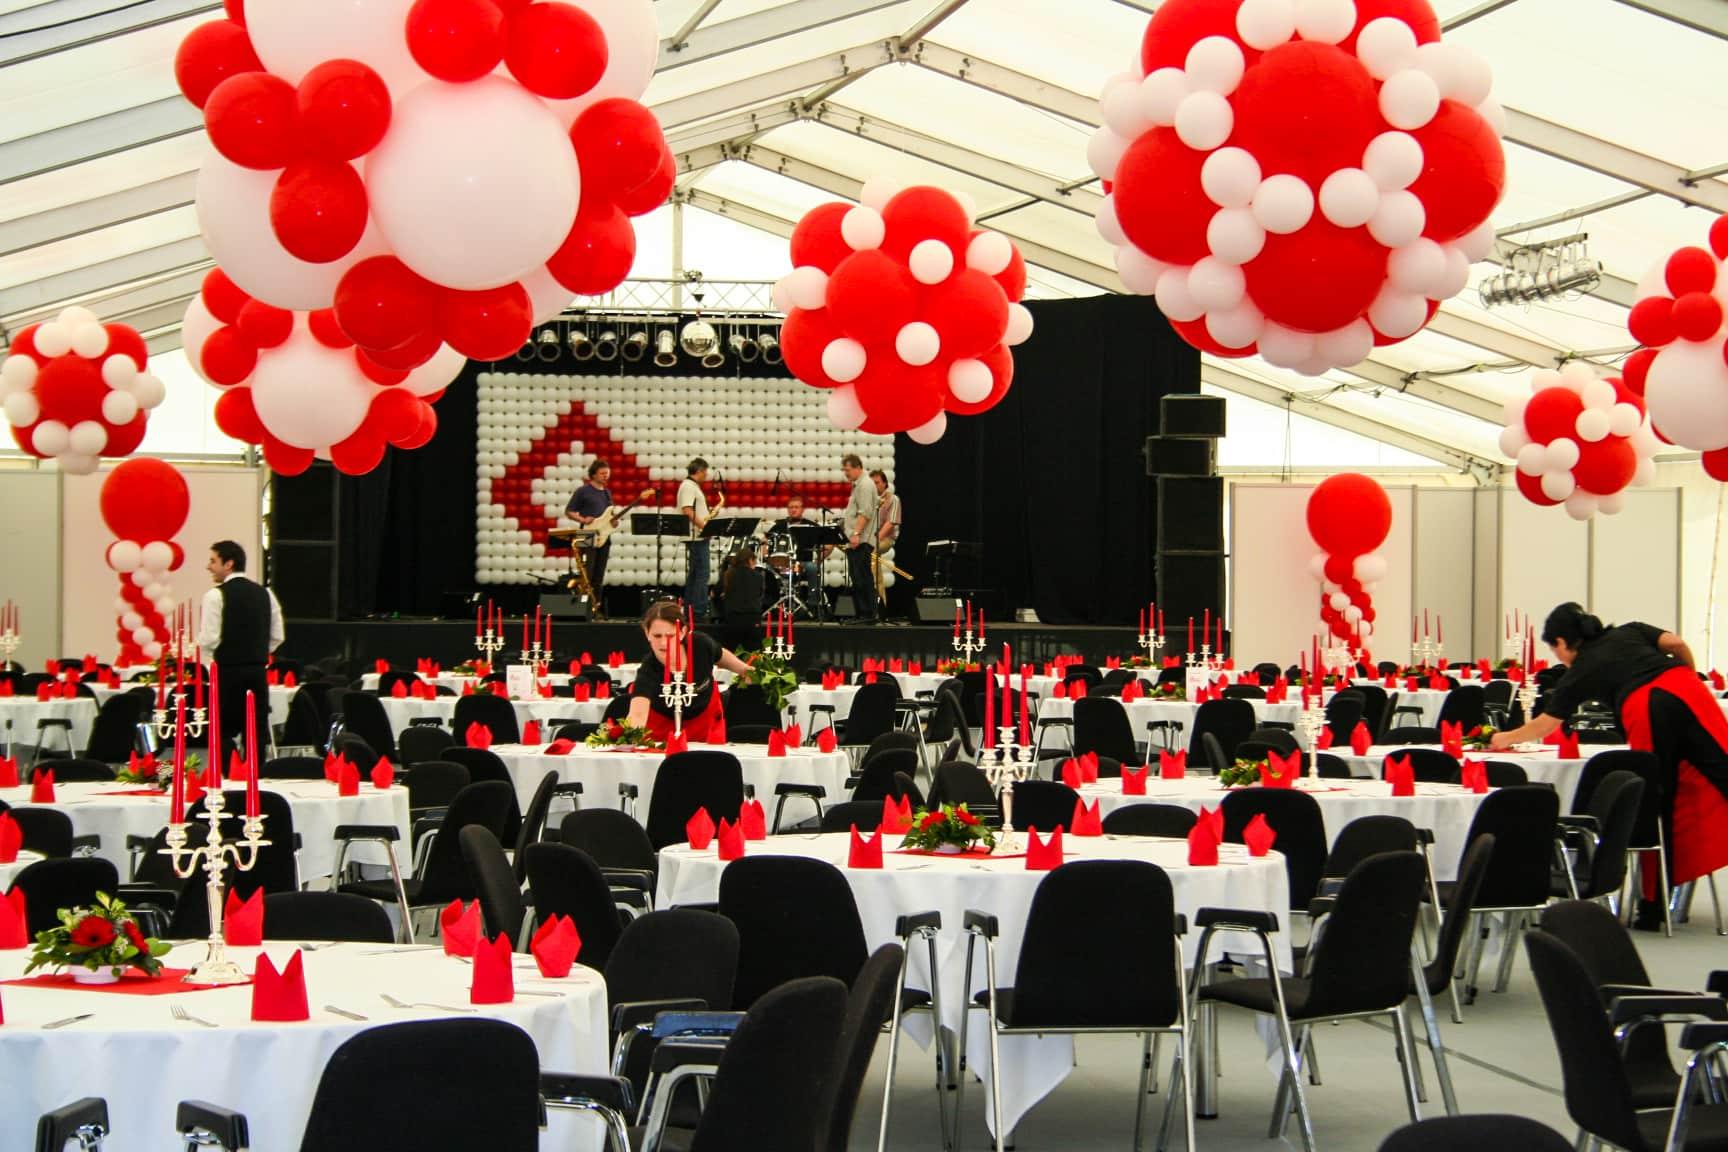 eventtalent zeltkonzert ballondekoration rote ballons weisse ballons